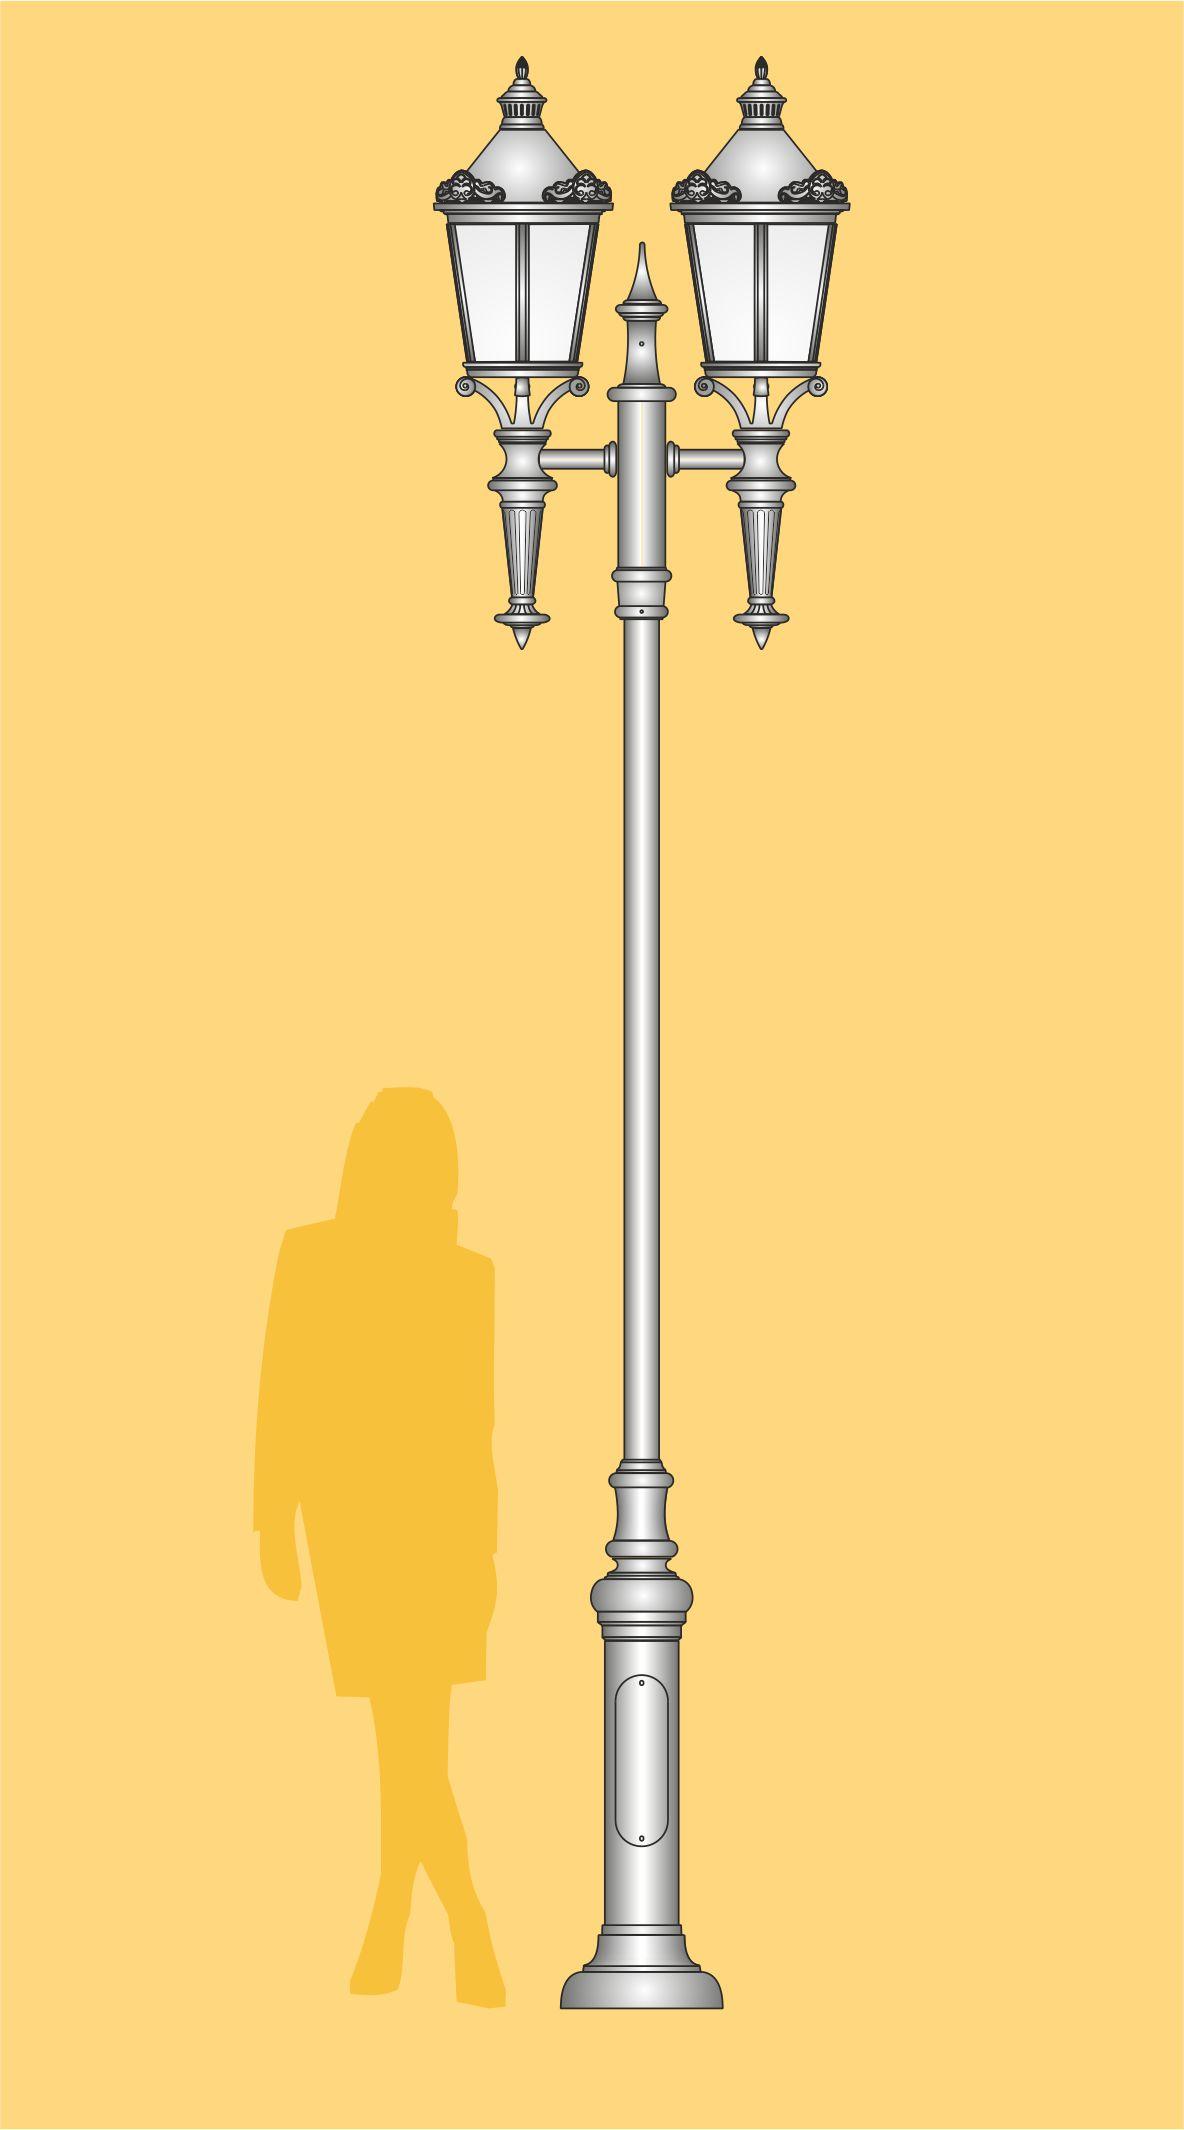 Lampa uliczna w stylizacji retro, z oprawami typu Mars